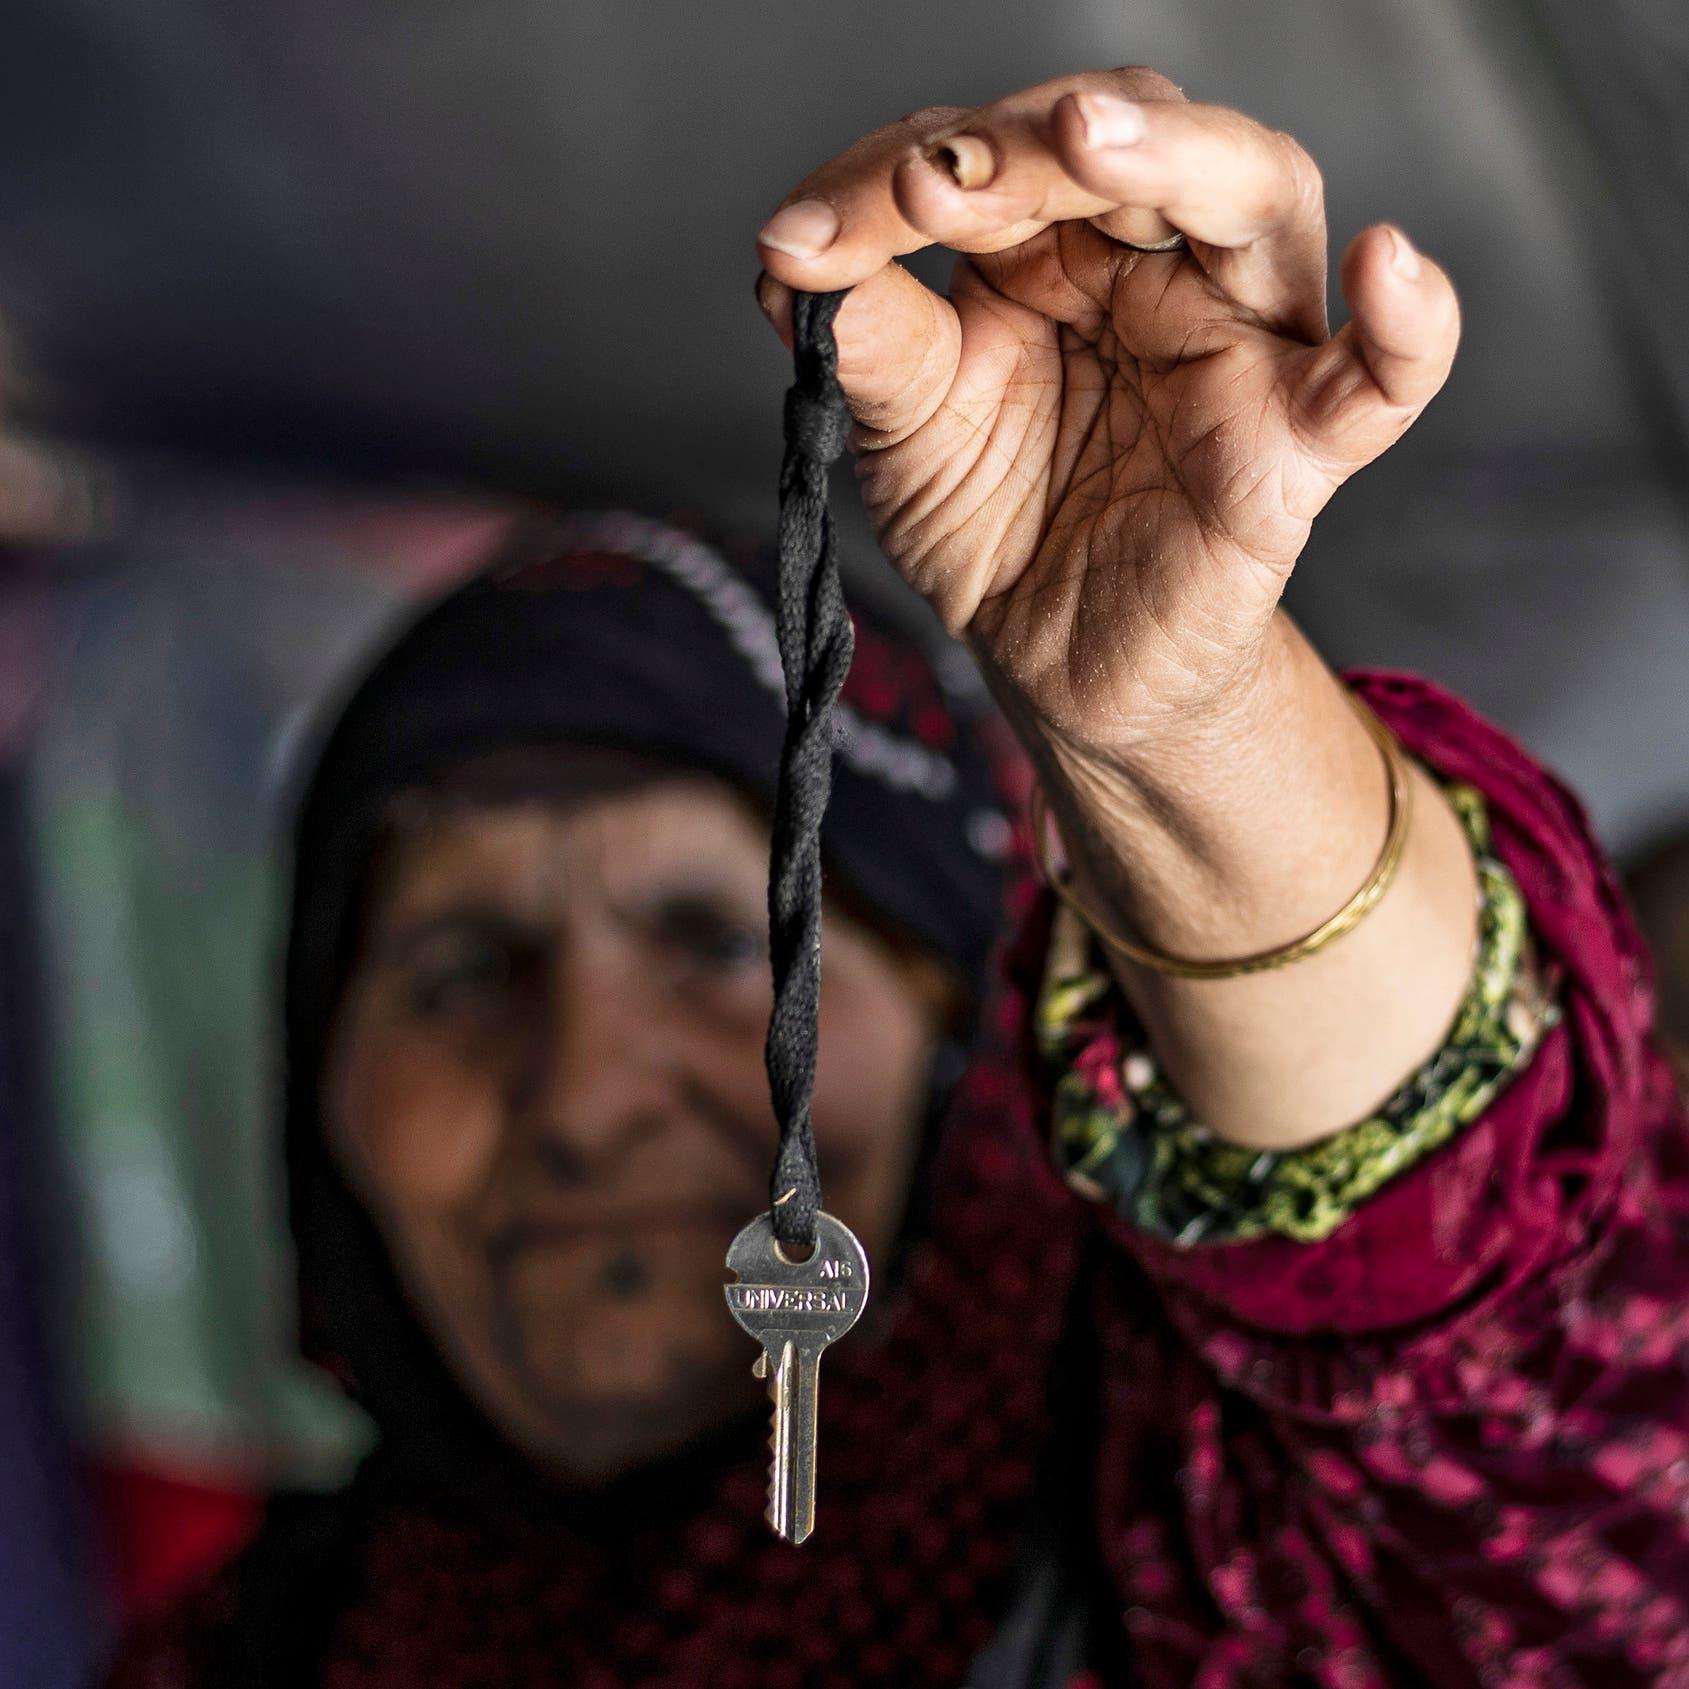 هجرتهم فصائل تركيا.. لنازحي رأس العين قصة أخرى في سوريا